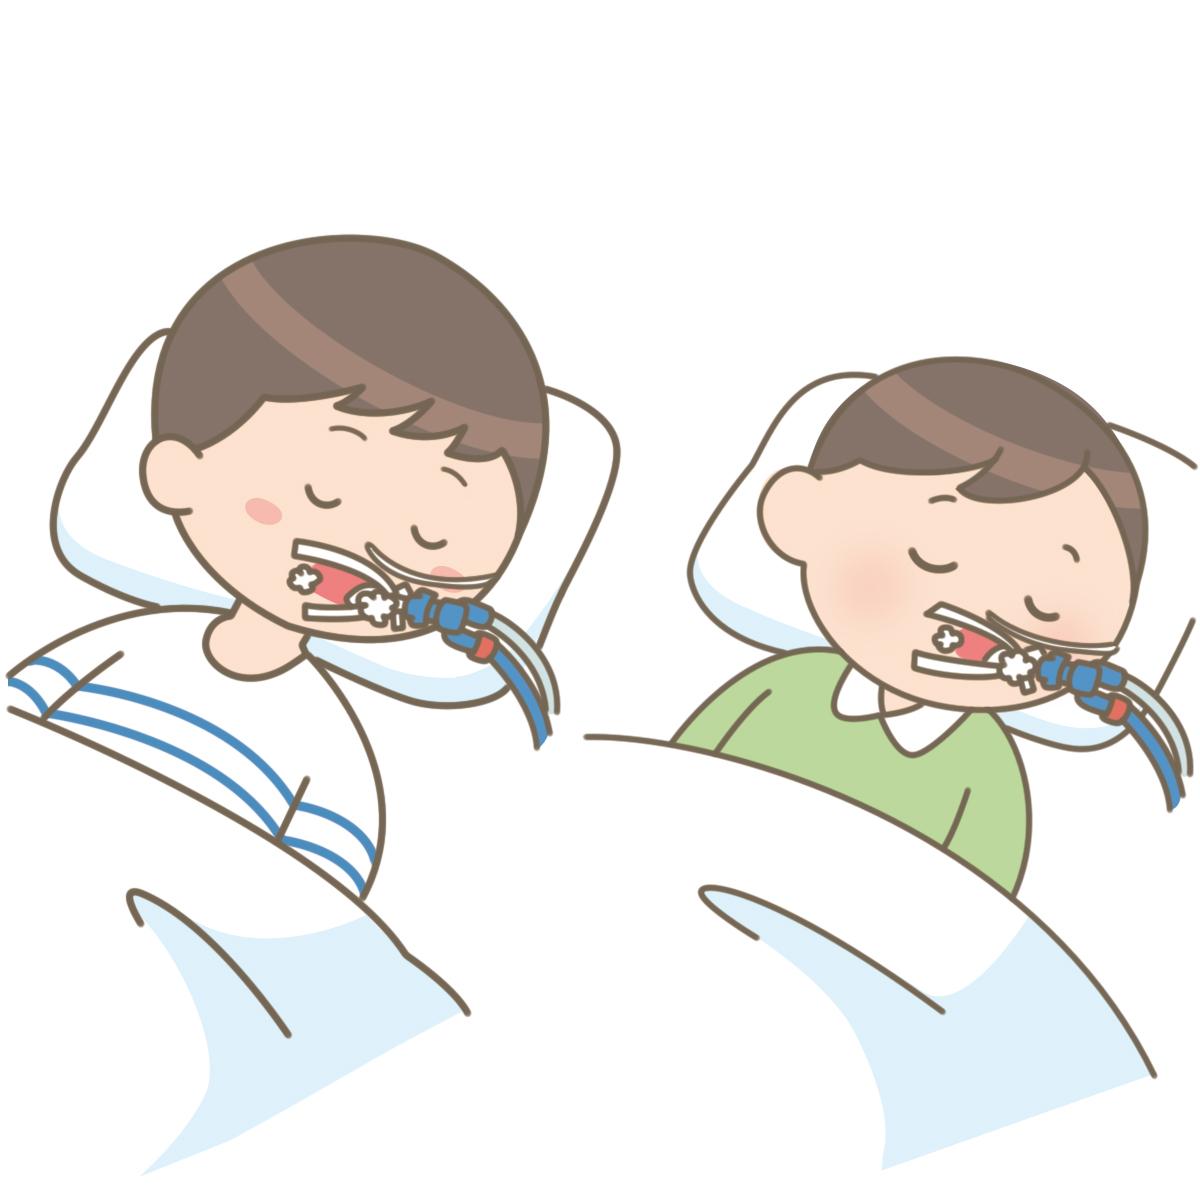 経口挿管をしてむせこんでいる幼児と学童のイラスト